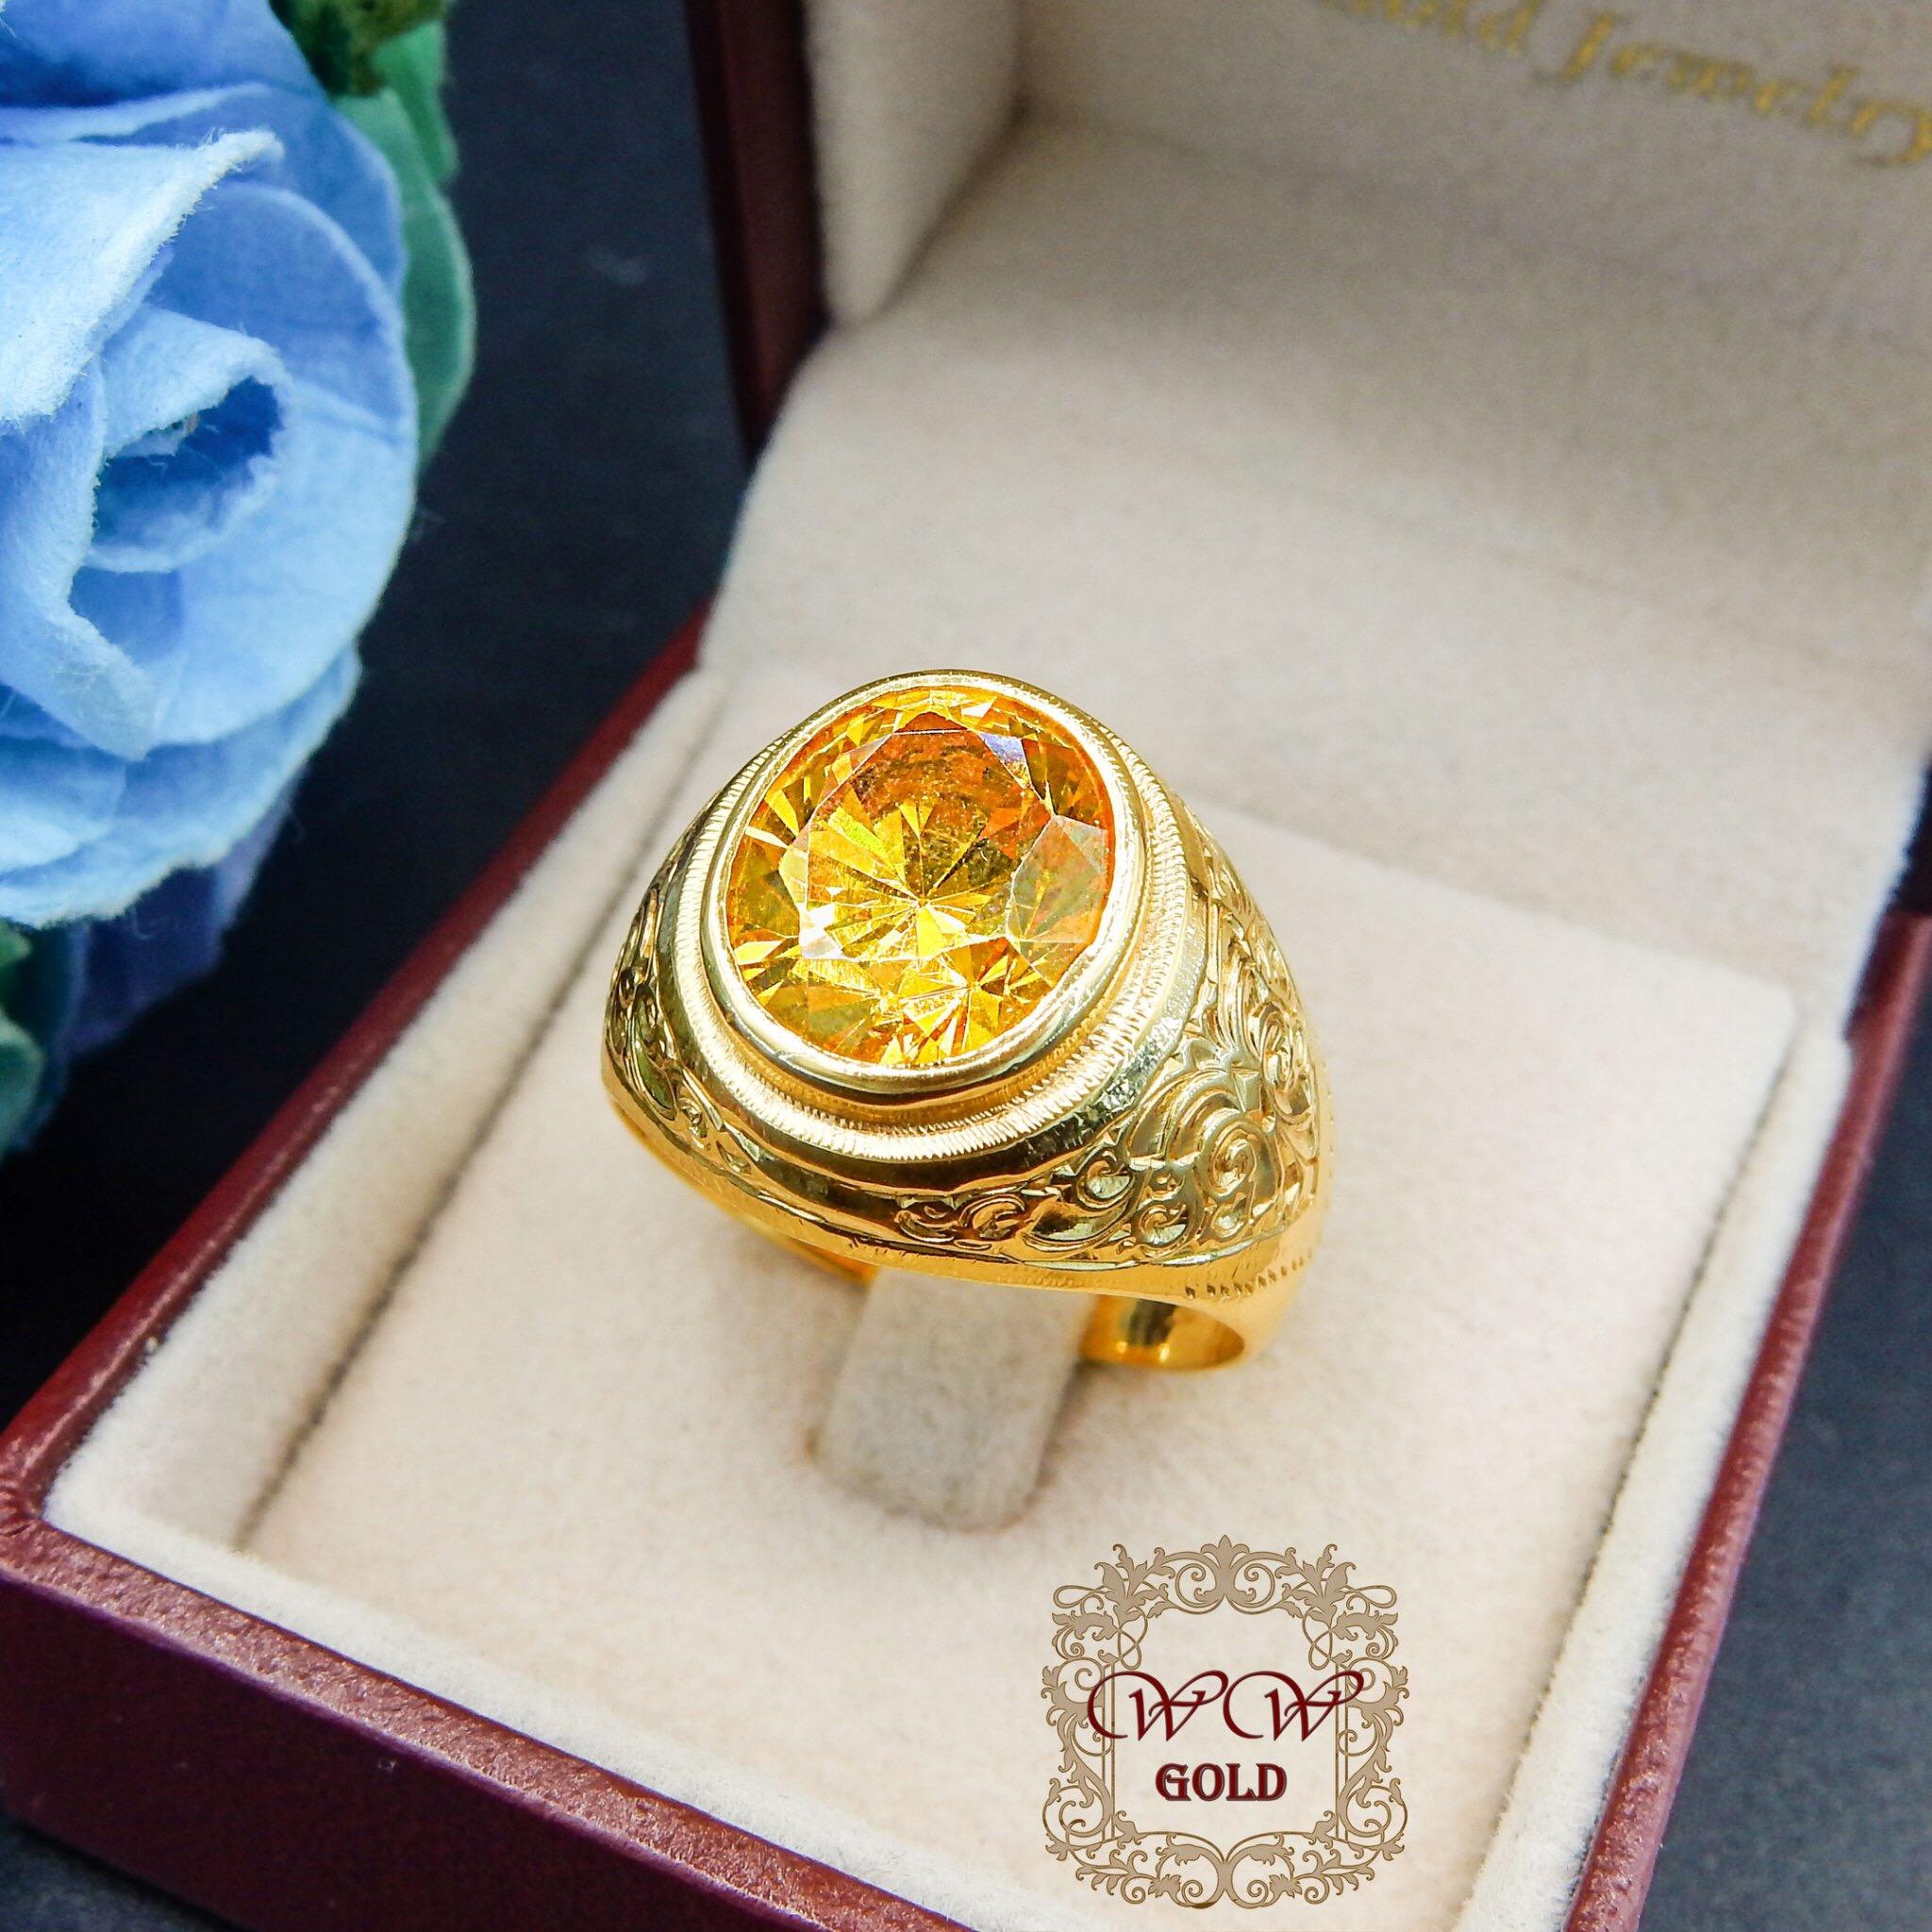 แหวนทรงมอญ พลอยสีเหลือง